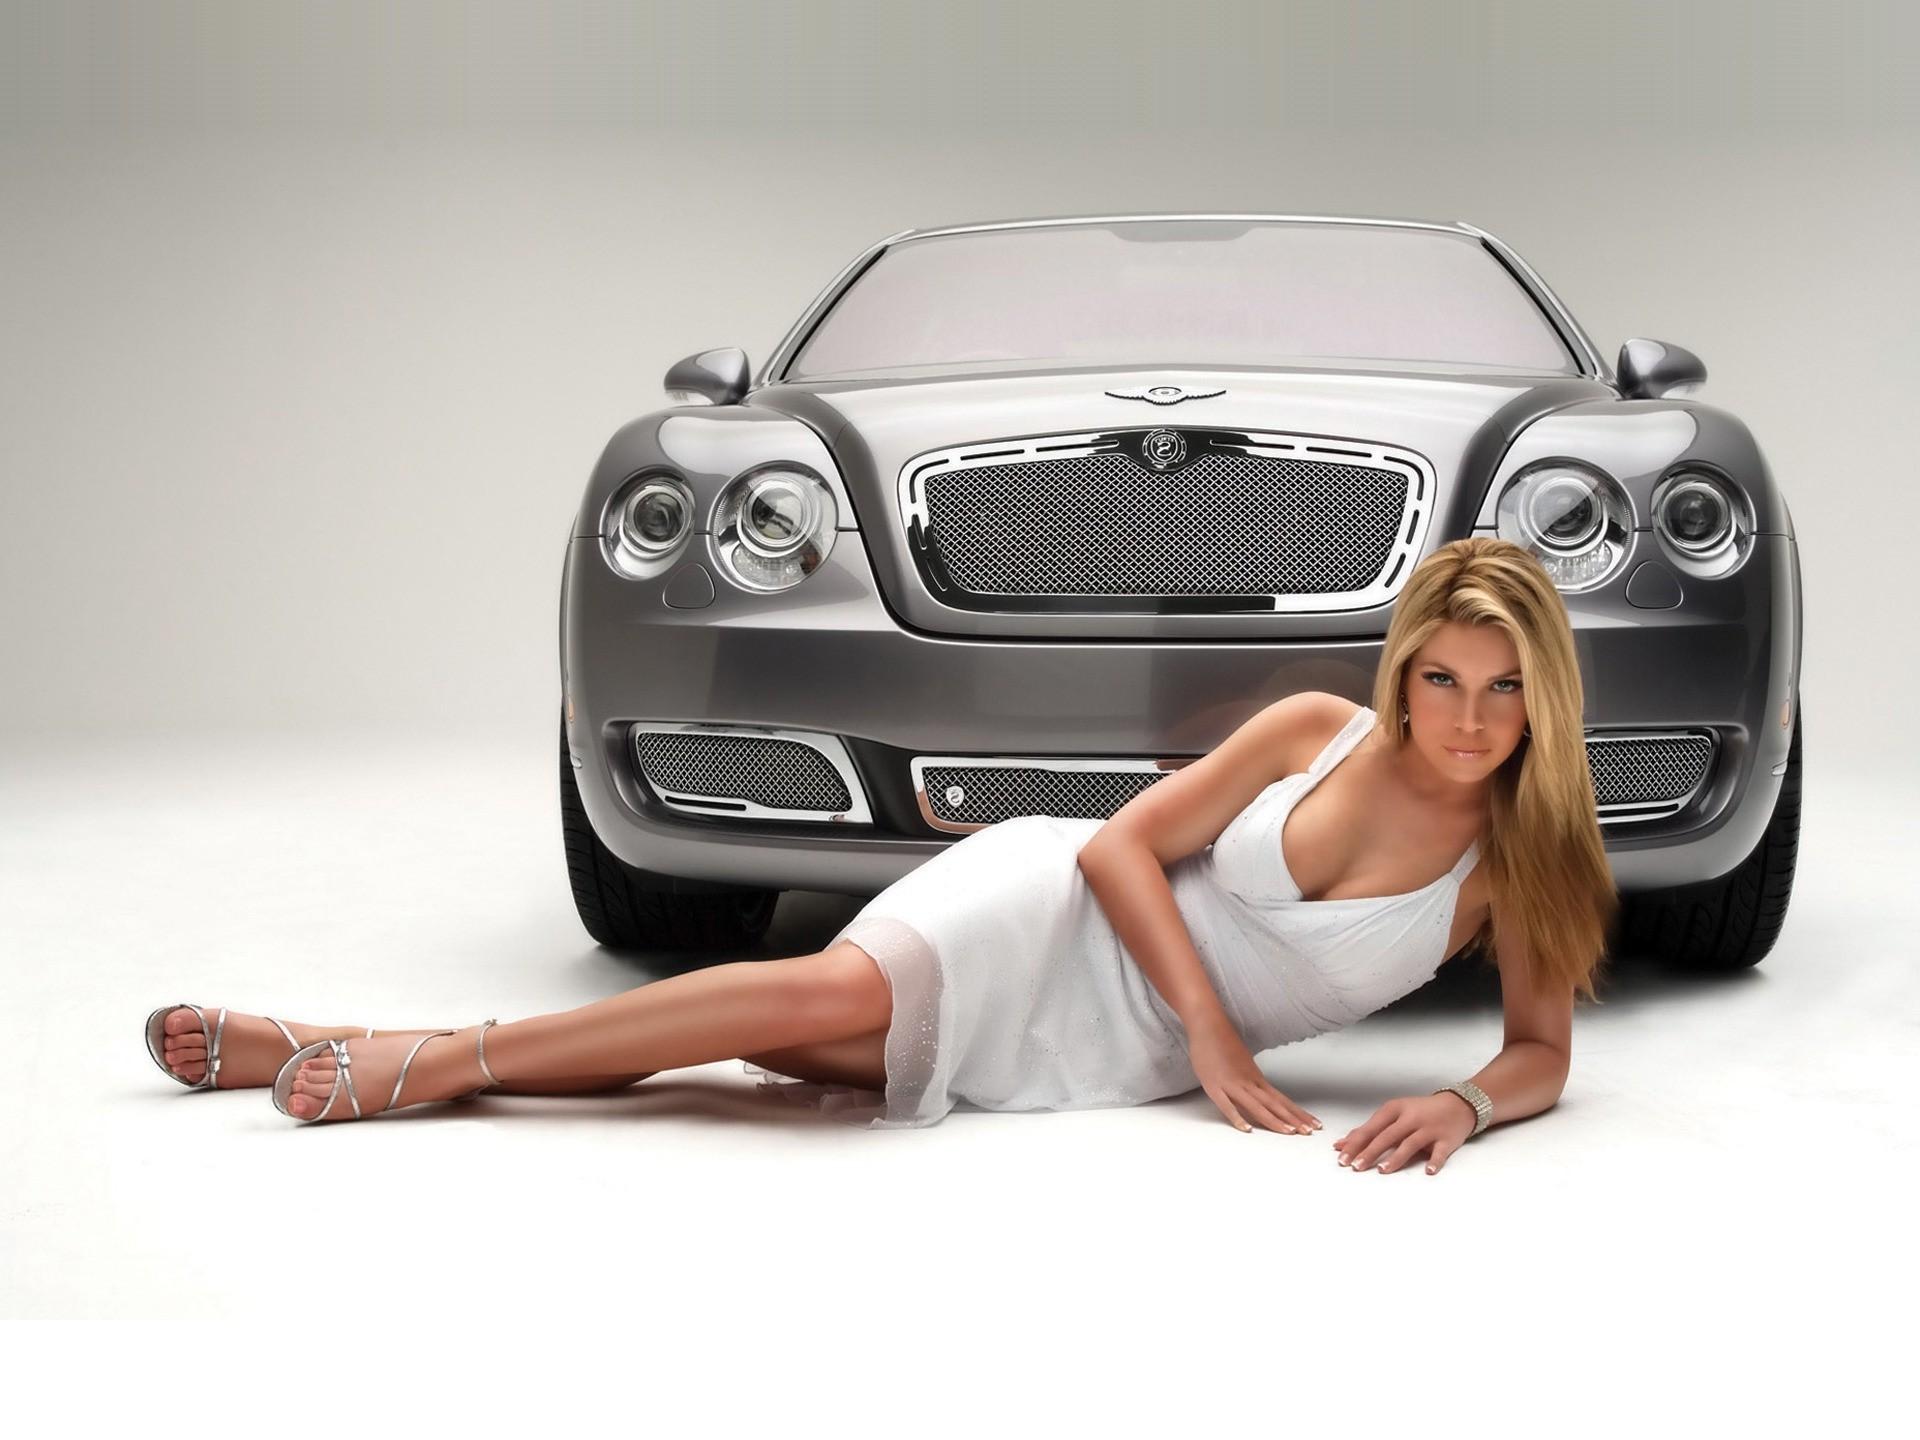 Очаровательная девушка возле белого авто скачать